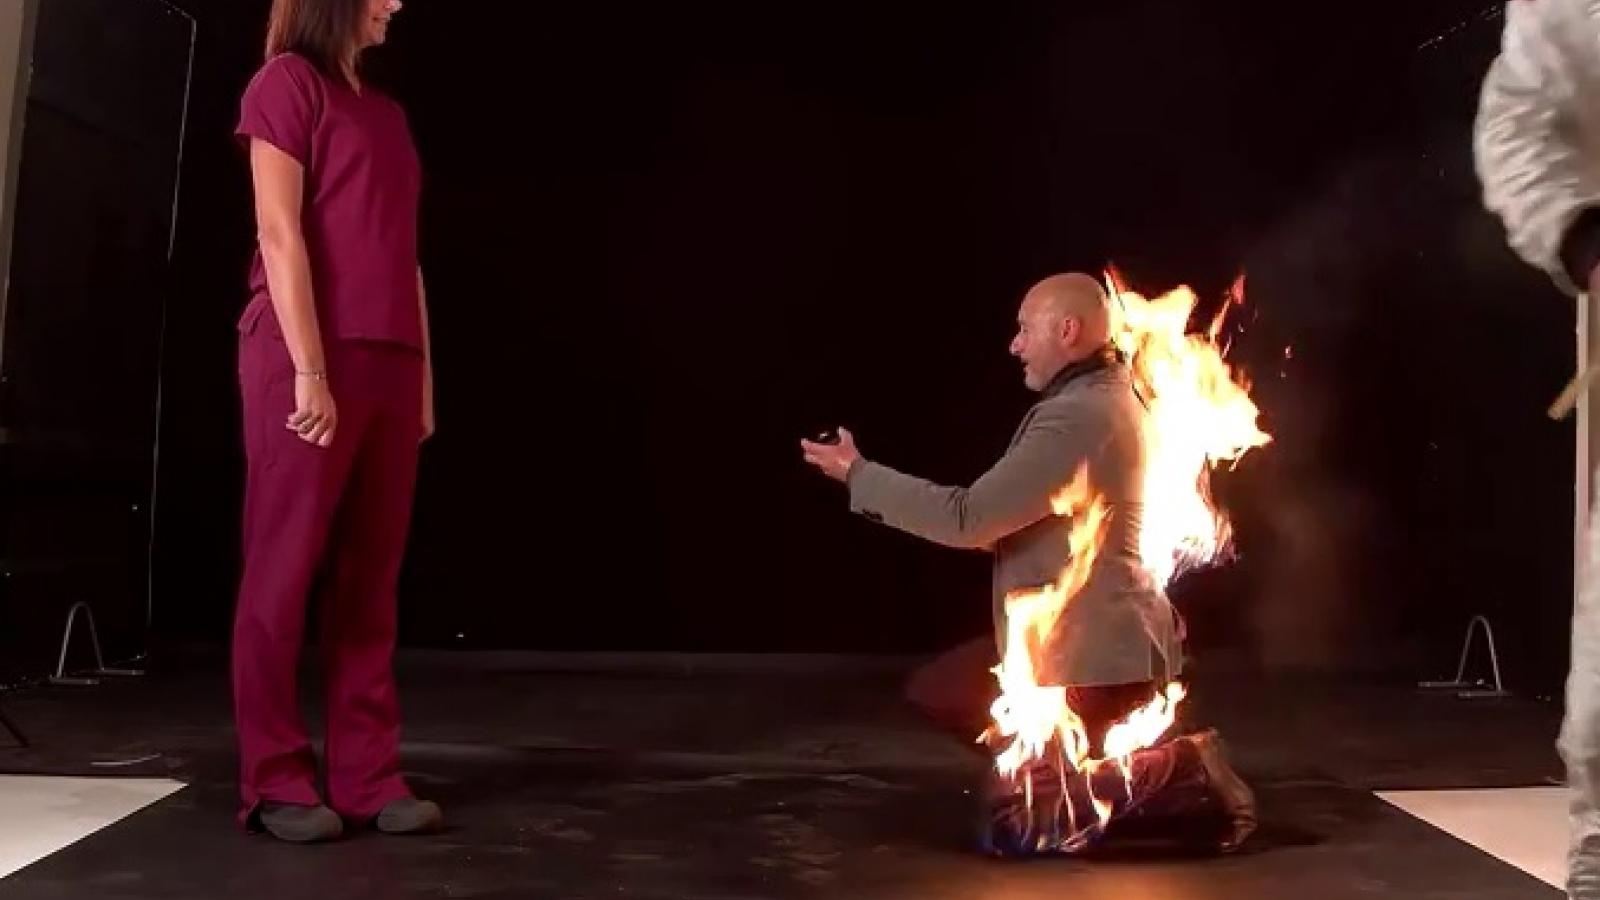 Video: Màn cầu hôn khi quần áo bén lửa cháy rừng rực